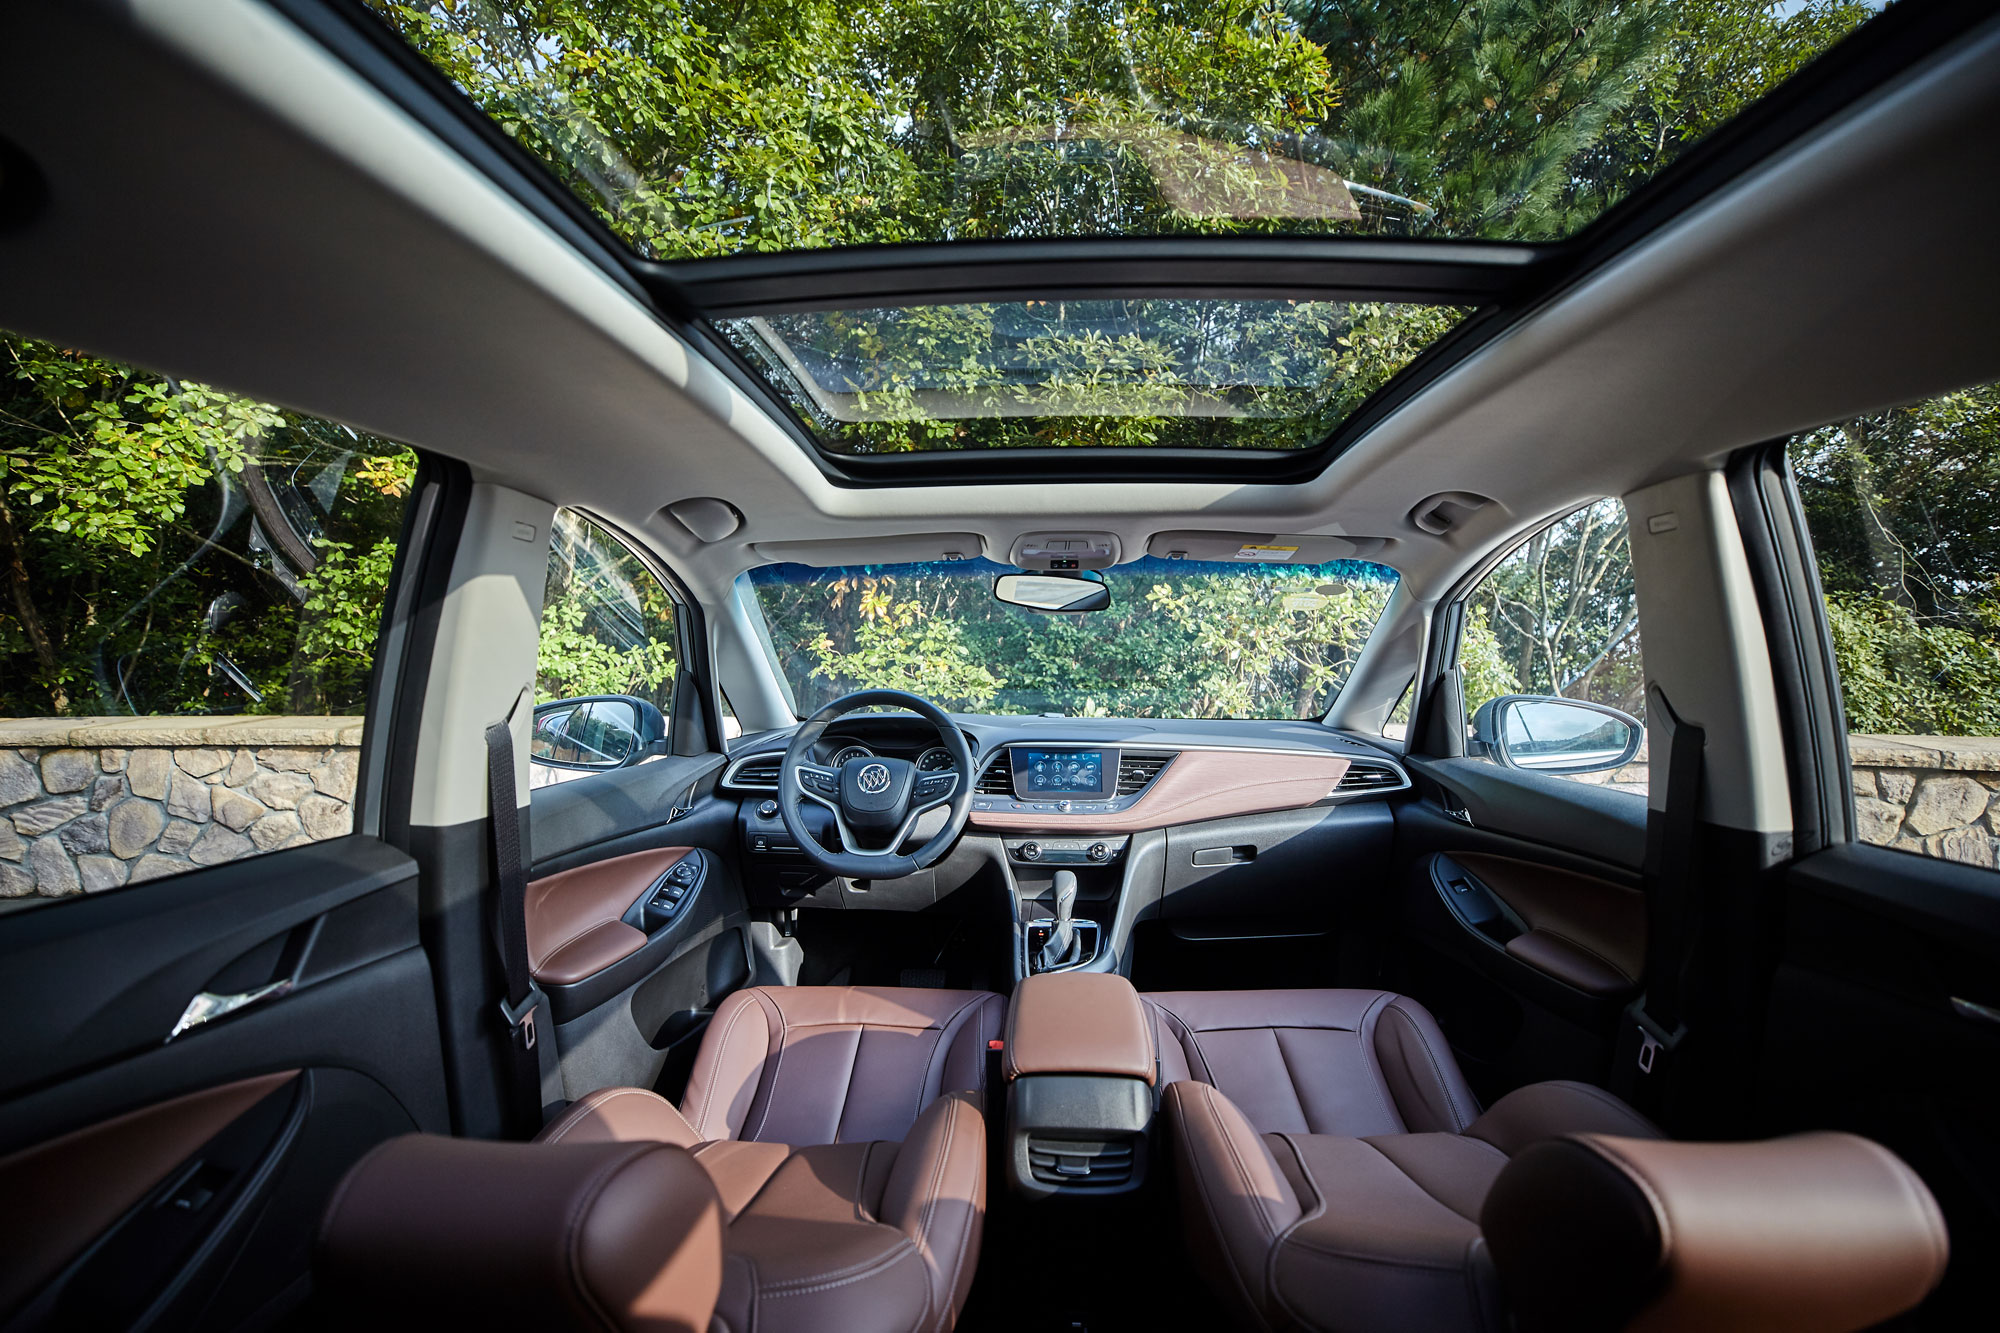 速度诚可贵,舒适价更高  大伟试2019款5座版别克GL6